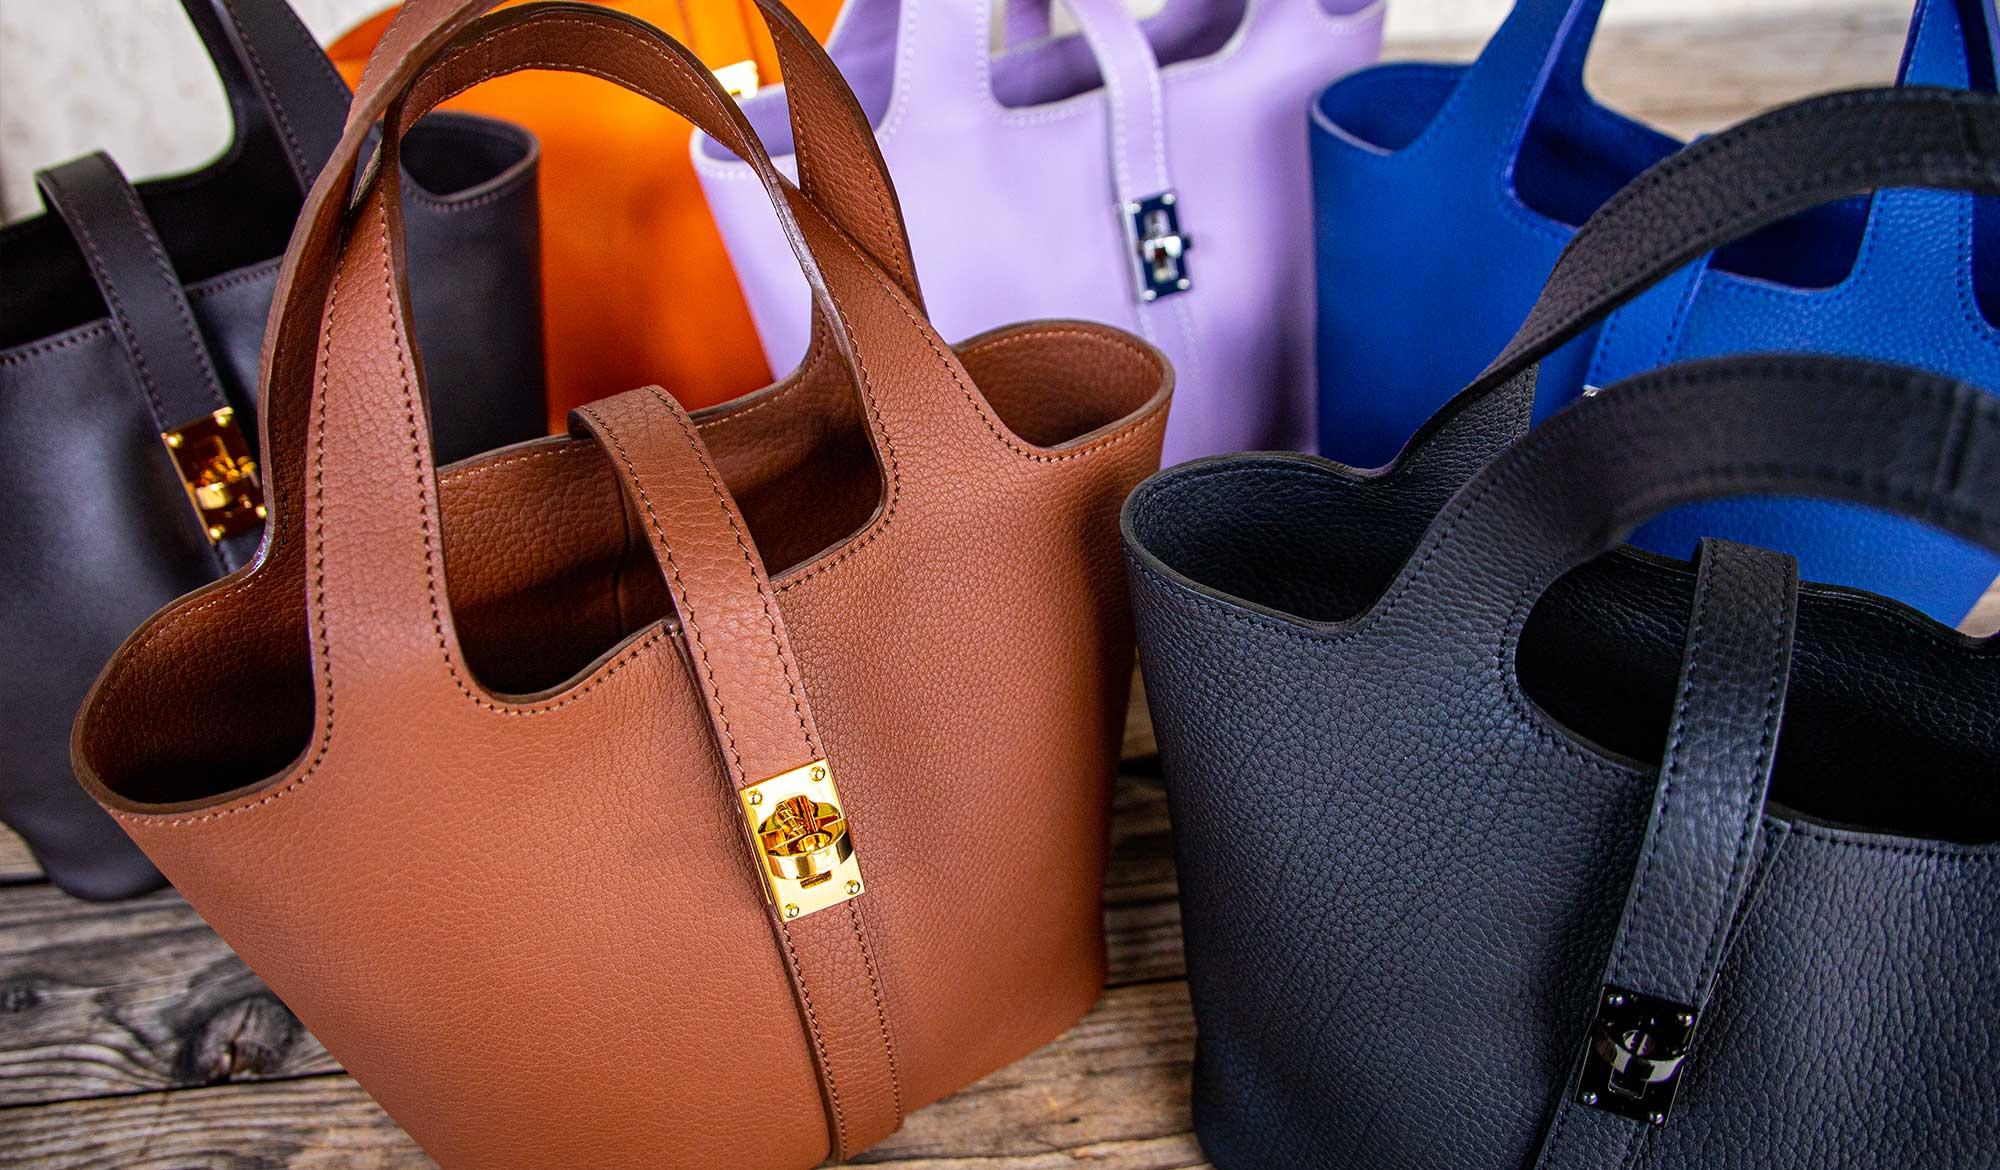 日本製ブランド「NAGATANI」大きすぎず小さすぎず、必要なアイテムはしっかり入るピコタン型の本革ミニトートバッグ『RINA』